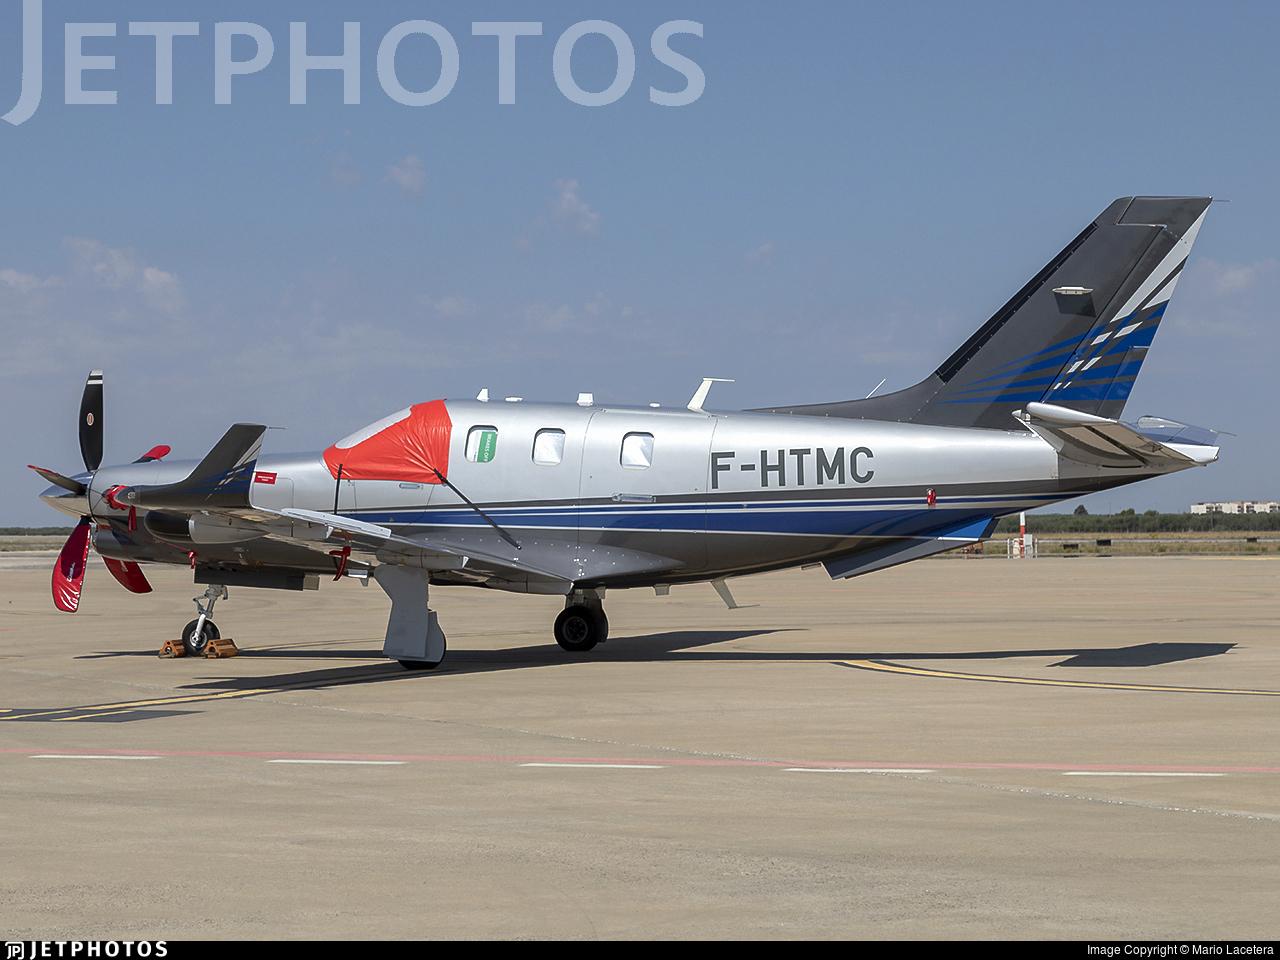 F-HTMC - Socata TBM-910 - Private